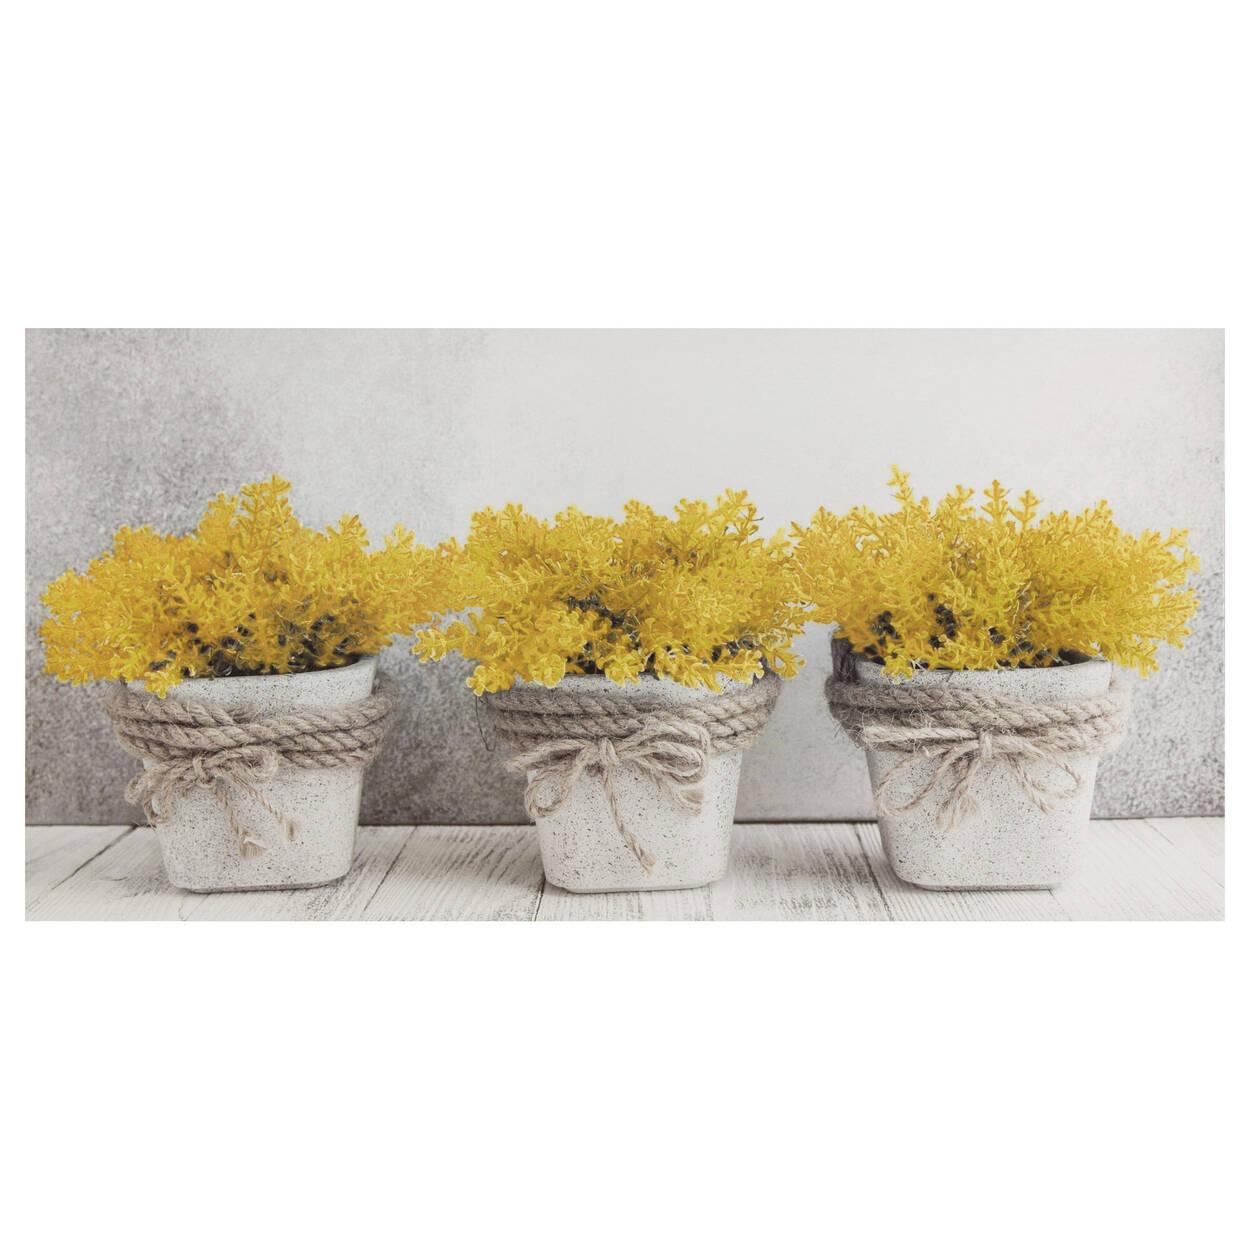 Tableau imprimé de fleurs en pot